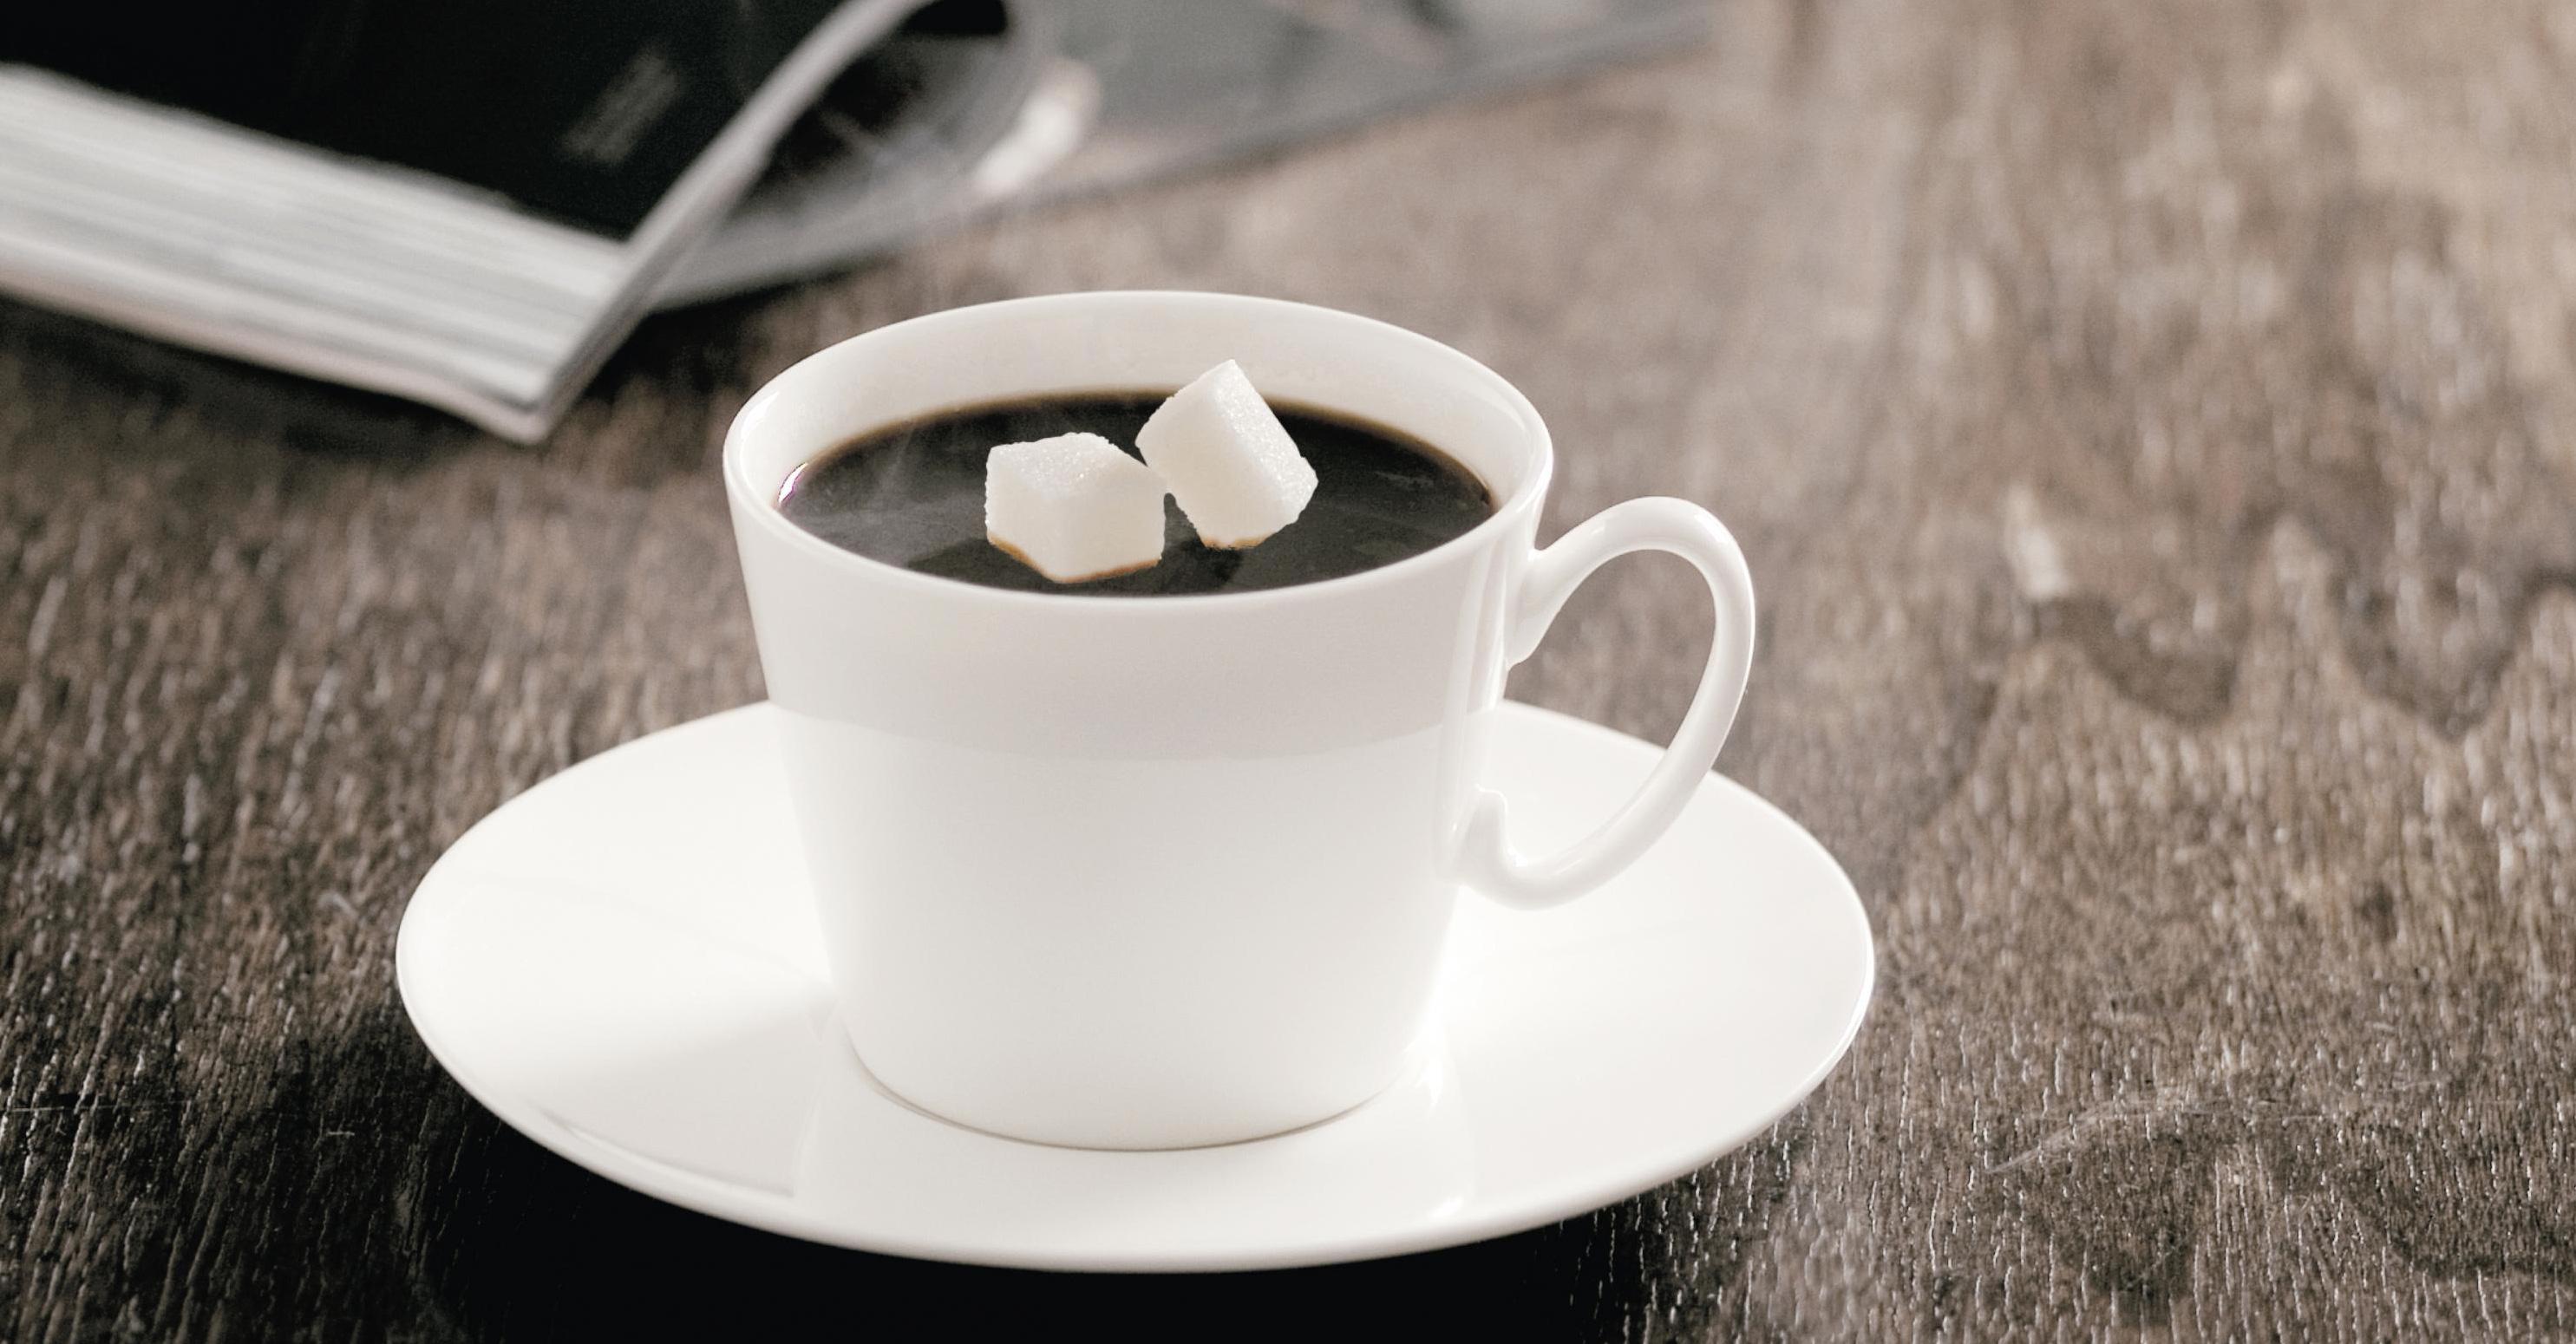 Bỏ ngay những thói quen xấu buổi sáng khiến bạn tăng cân vèo vèo - Ảnh 3.